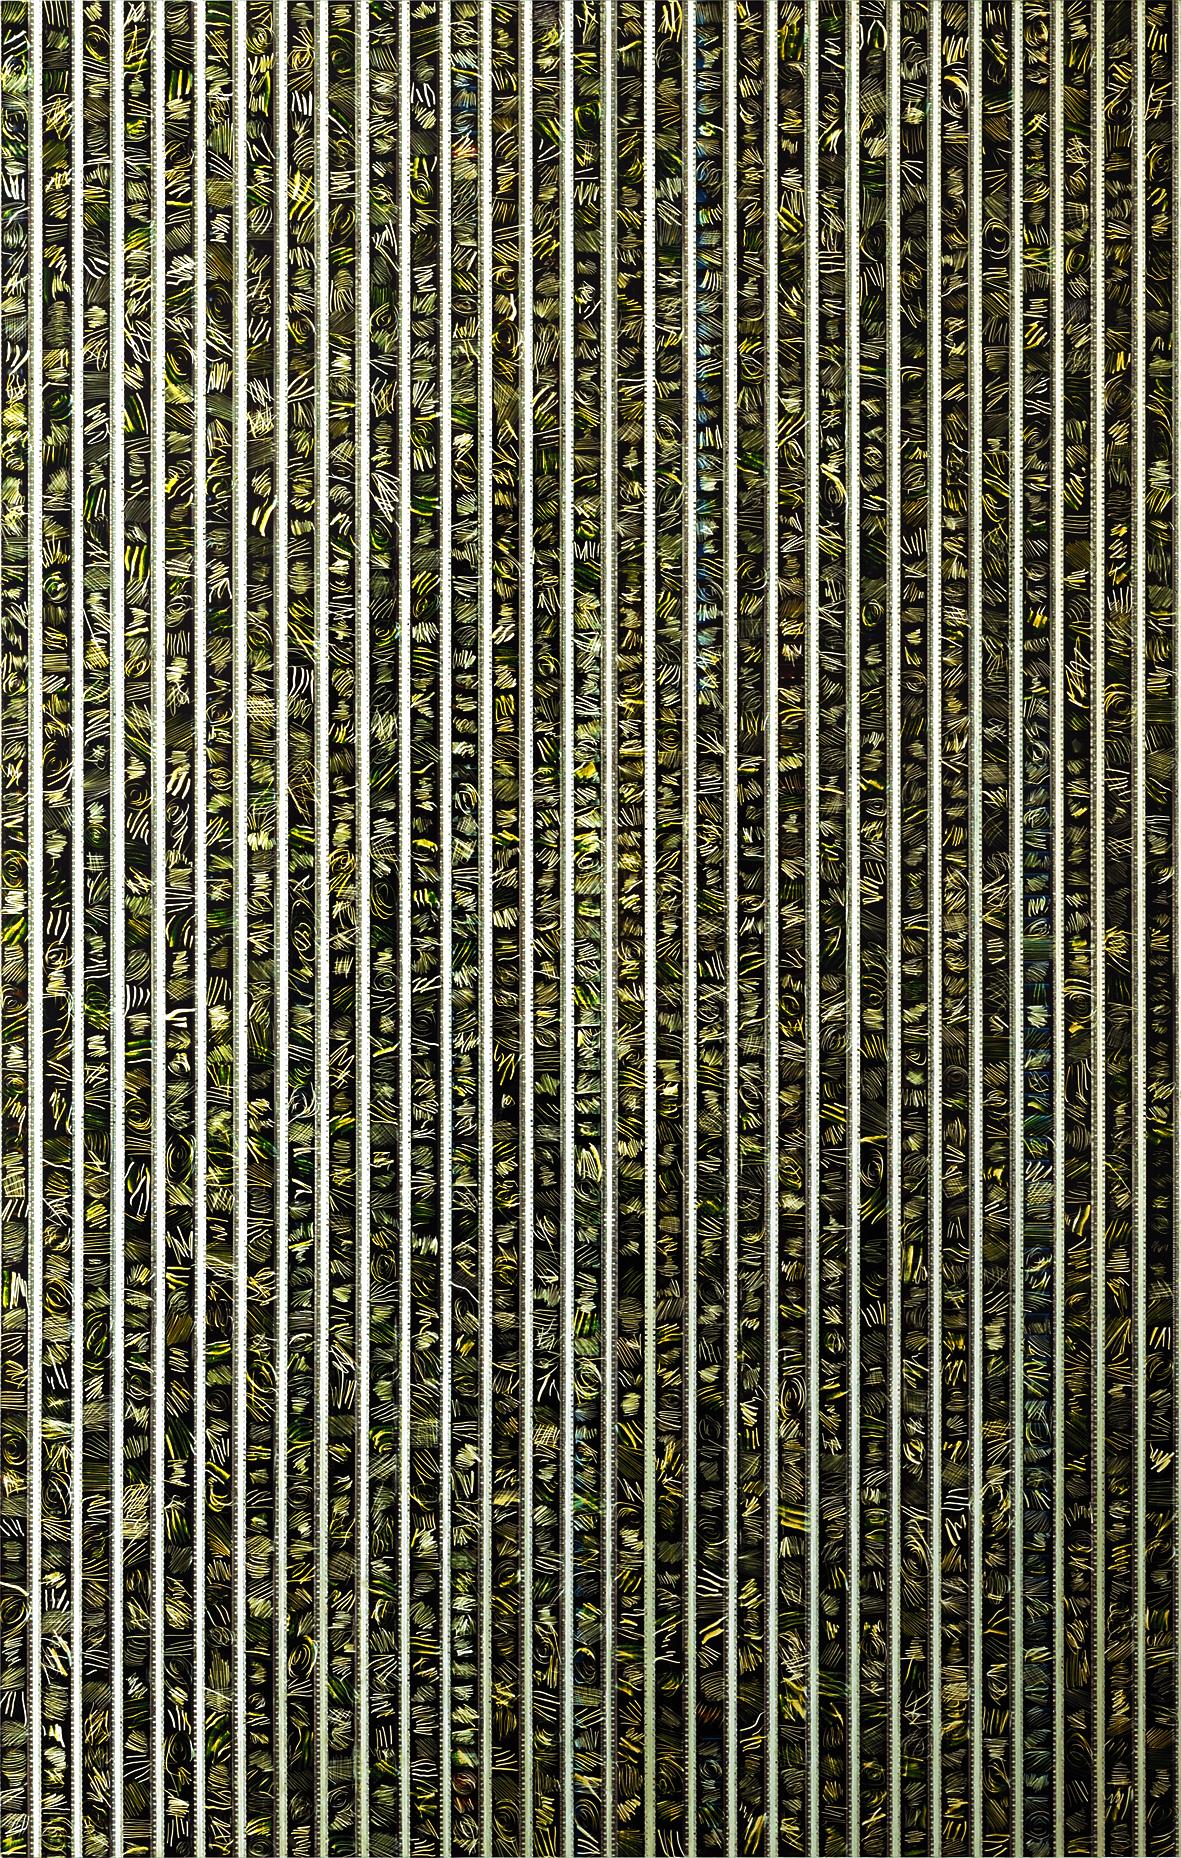 SCRATCHED AND CONFUSED by Etienne de Fleurieu , collage de pellicule cinématographique 35 mm